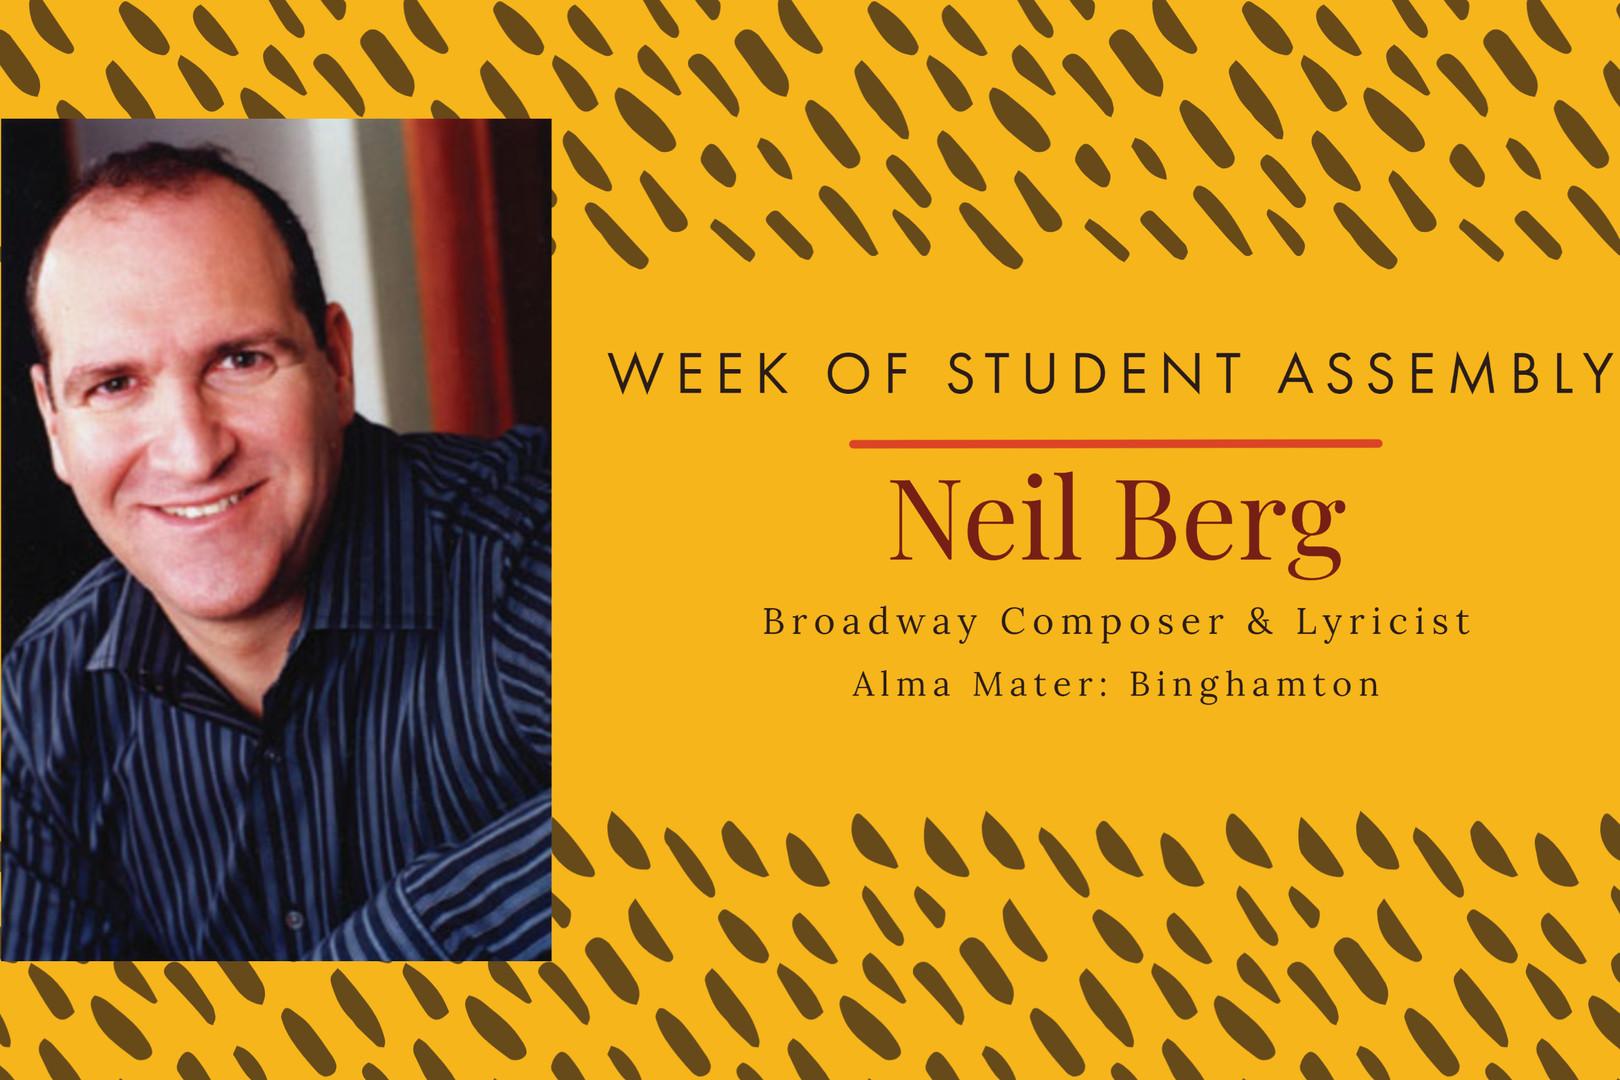 Neil Berg